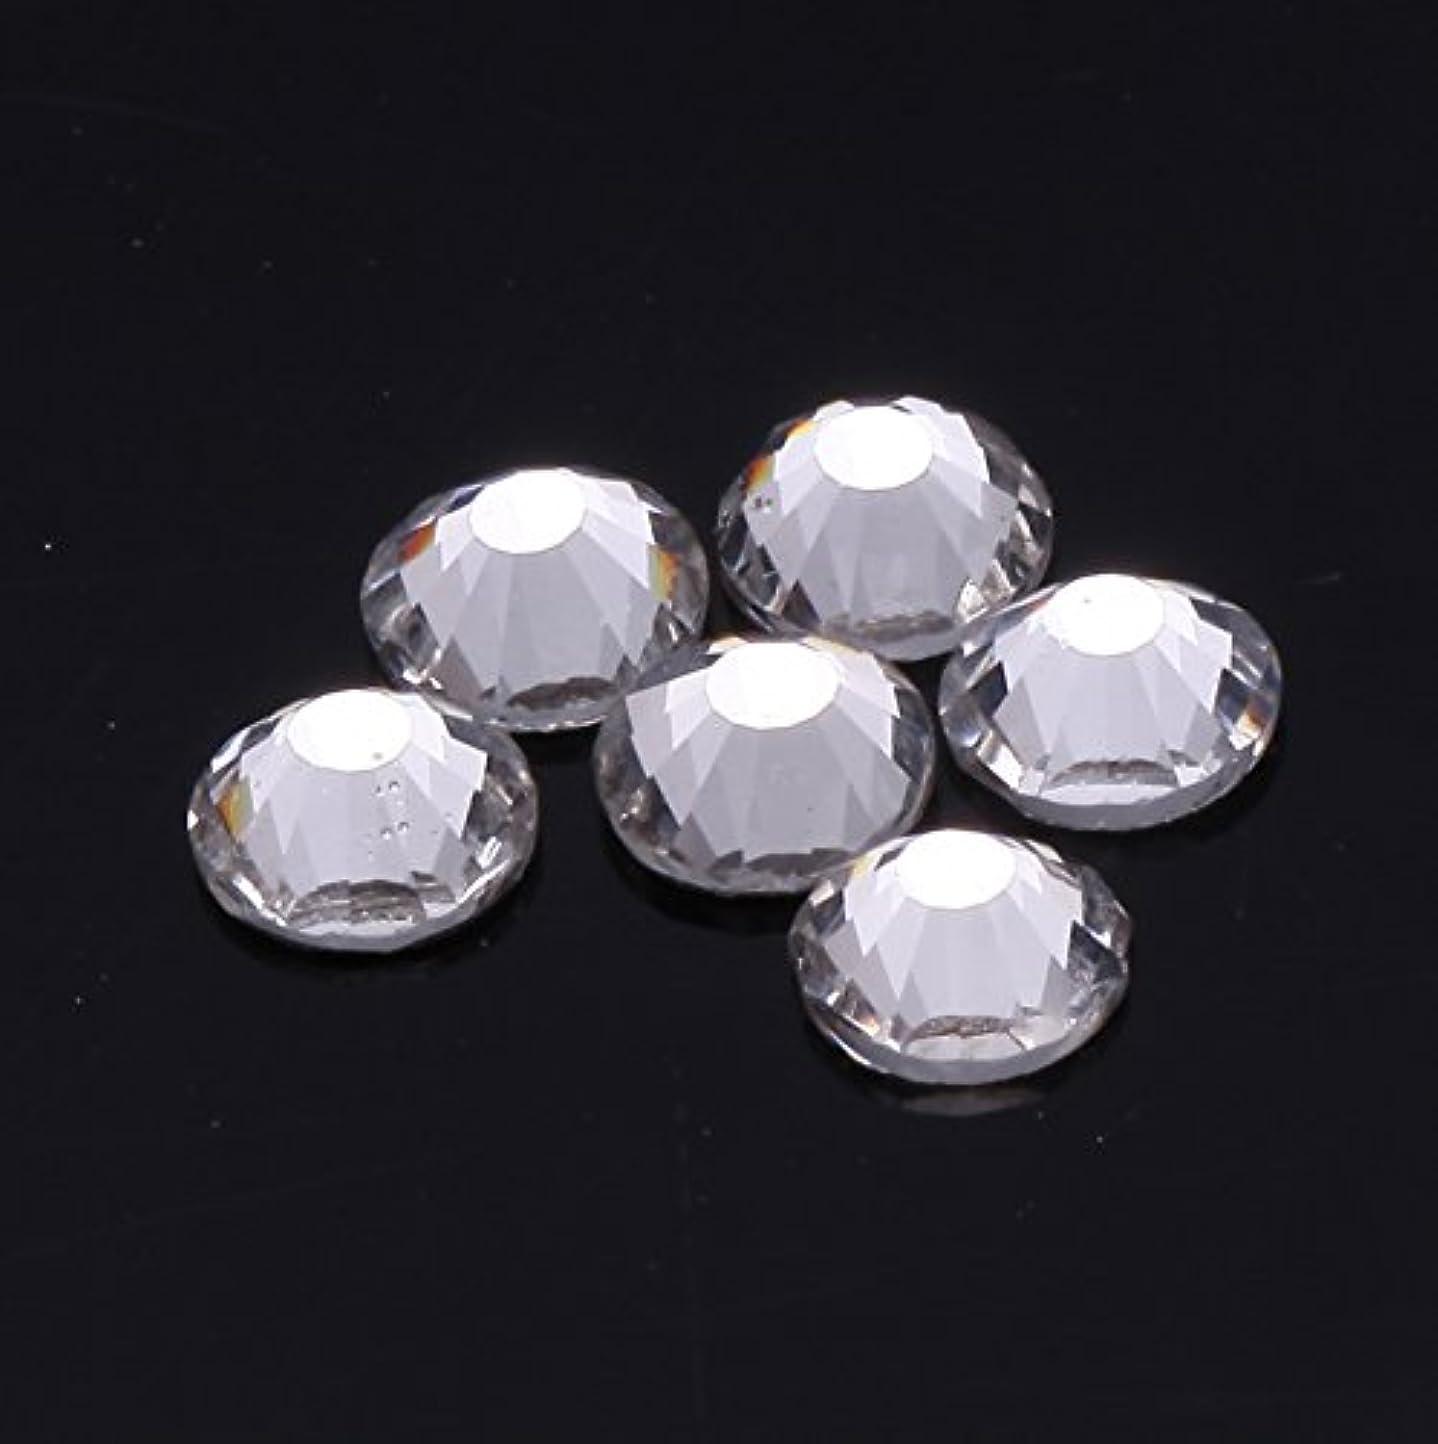 戦士常習的ブレイズ1440粒ガラス製ラインストーン ネイル デコパーツ クリスタル(1.8mm (SS5) 約1440粒)